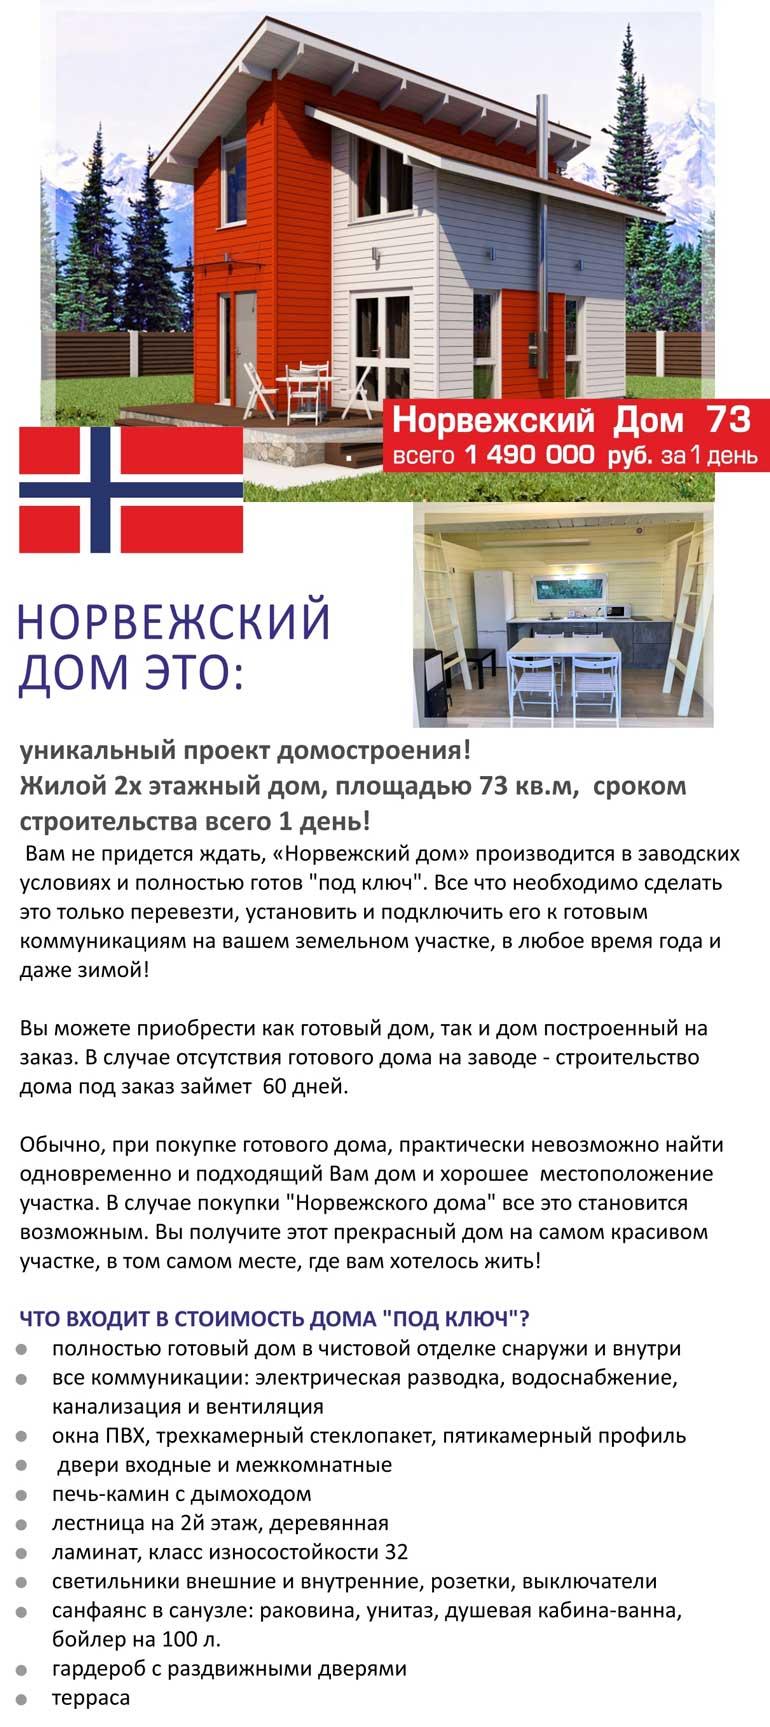 norvezhskiy-dom-73-skandis-za-1-den